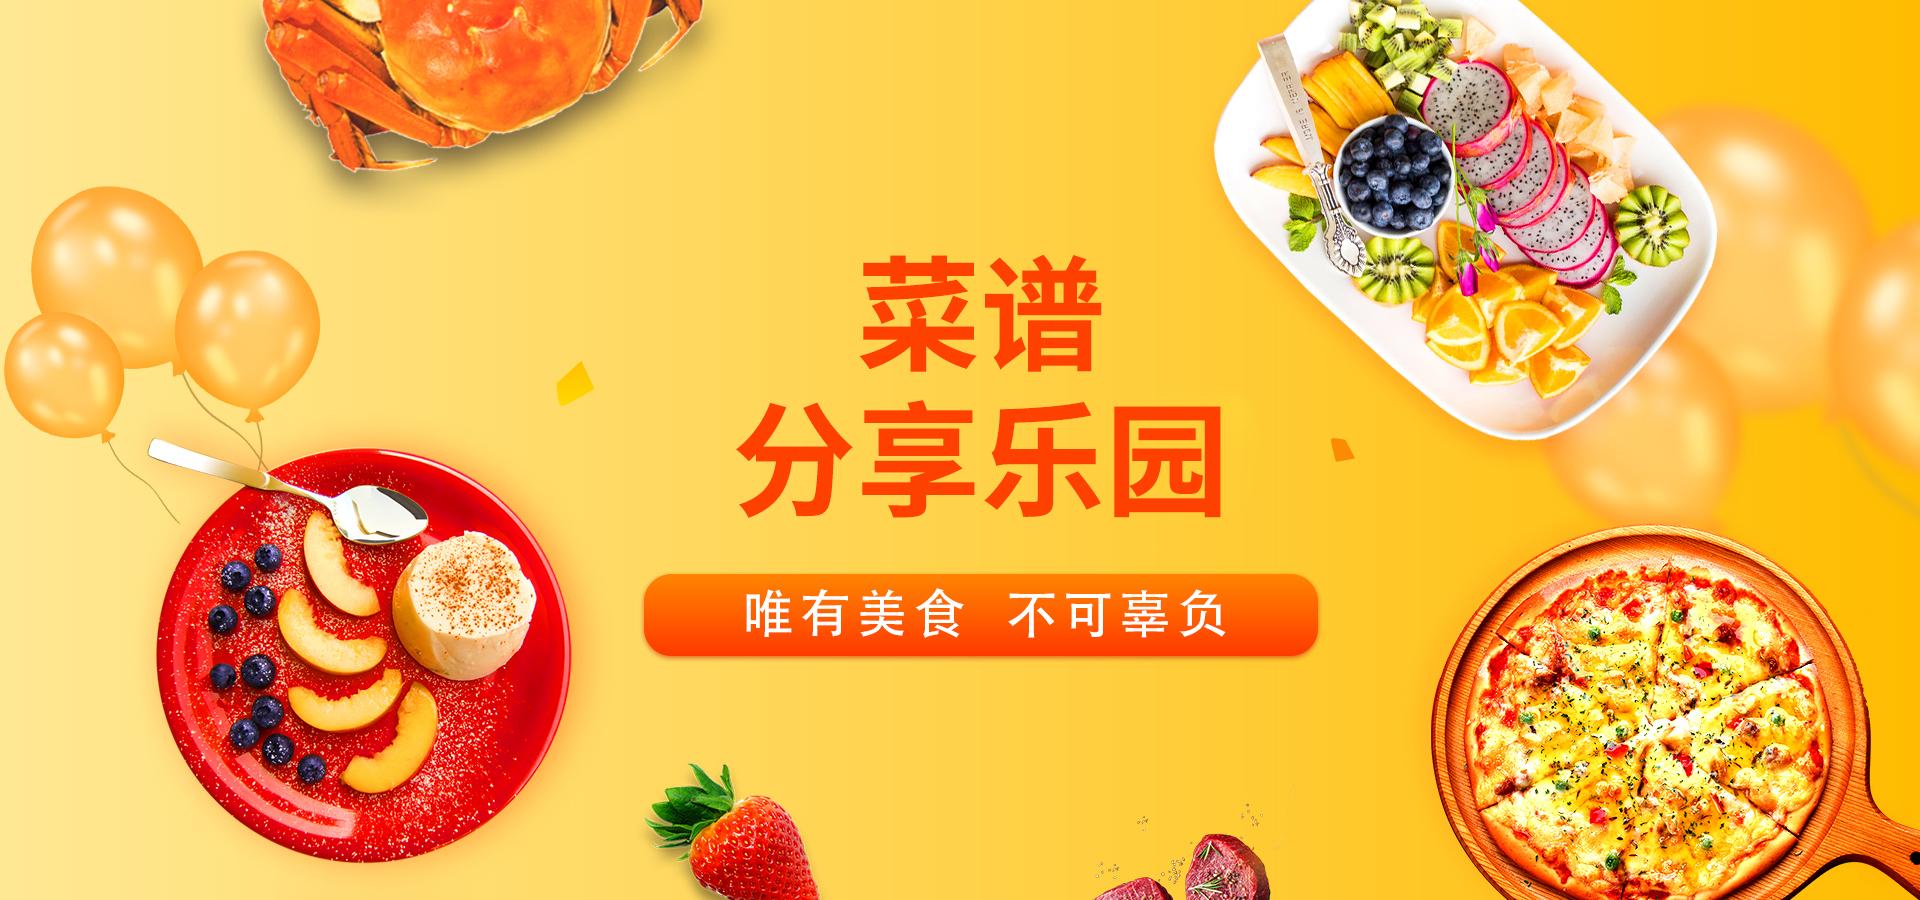 小艺菜谱乐园加盟官网